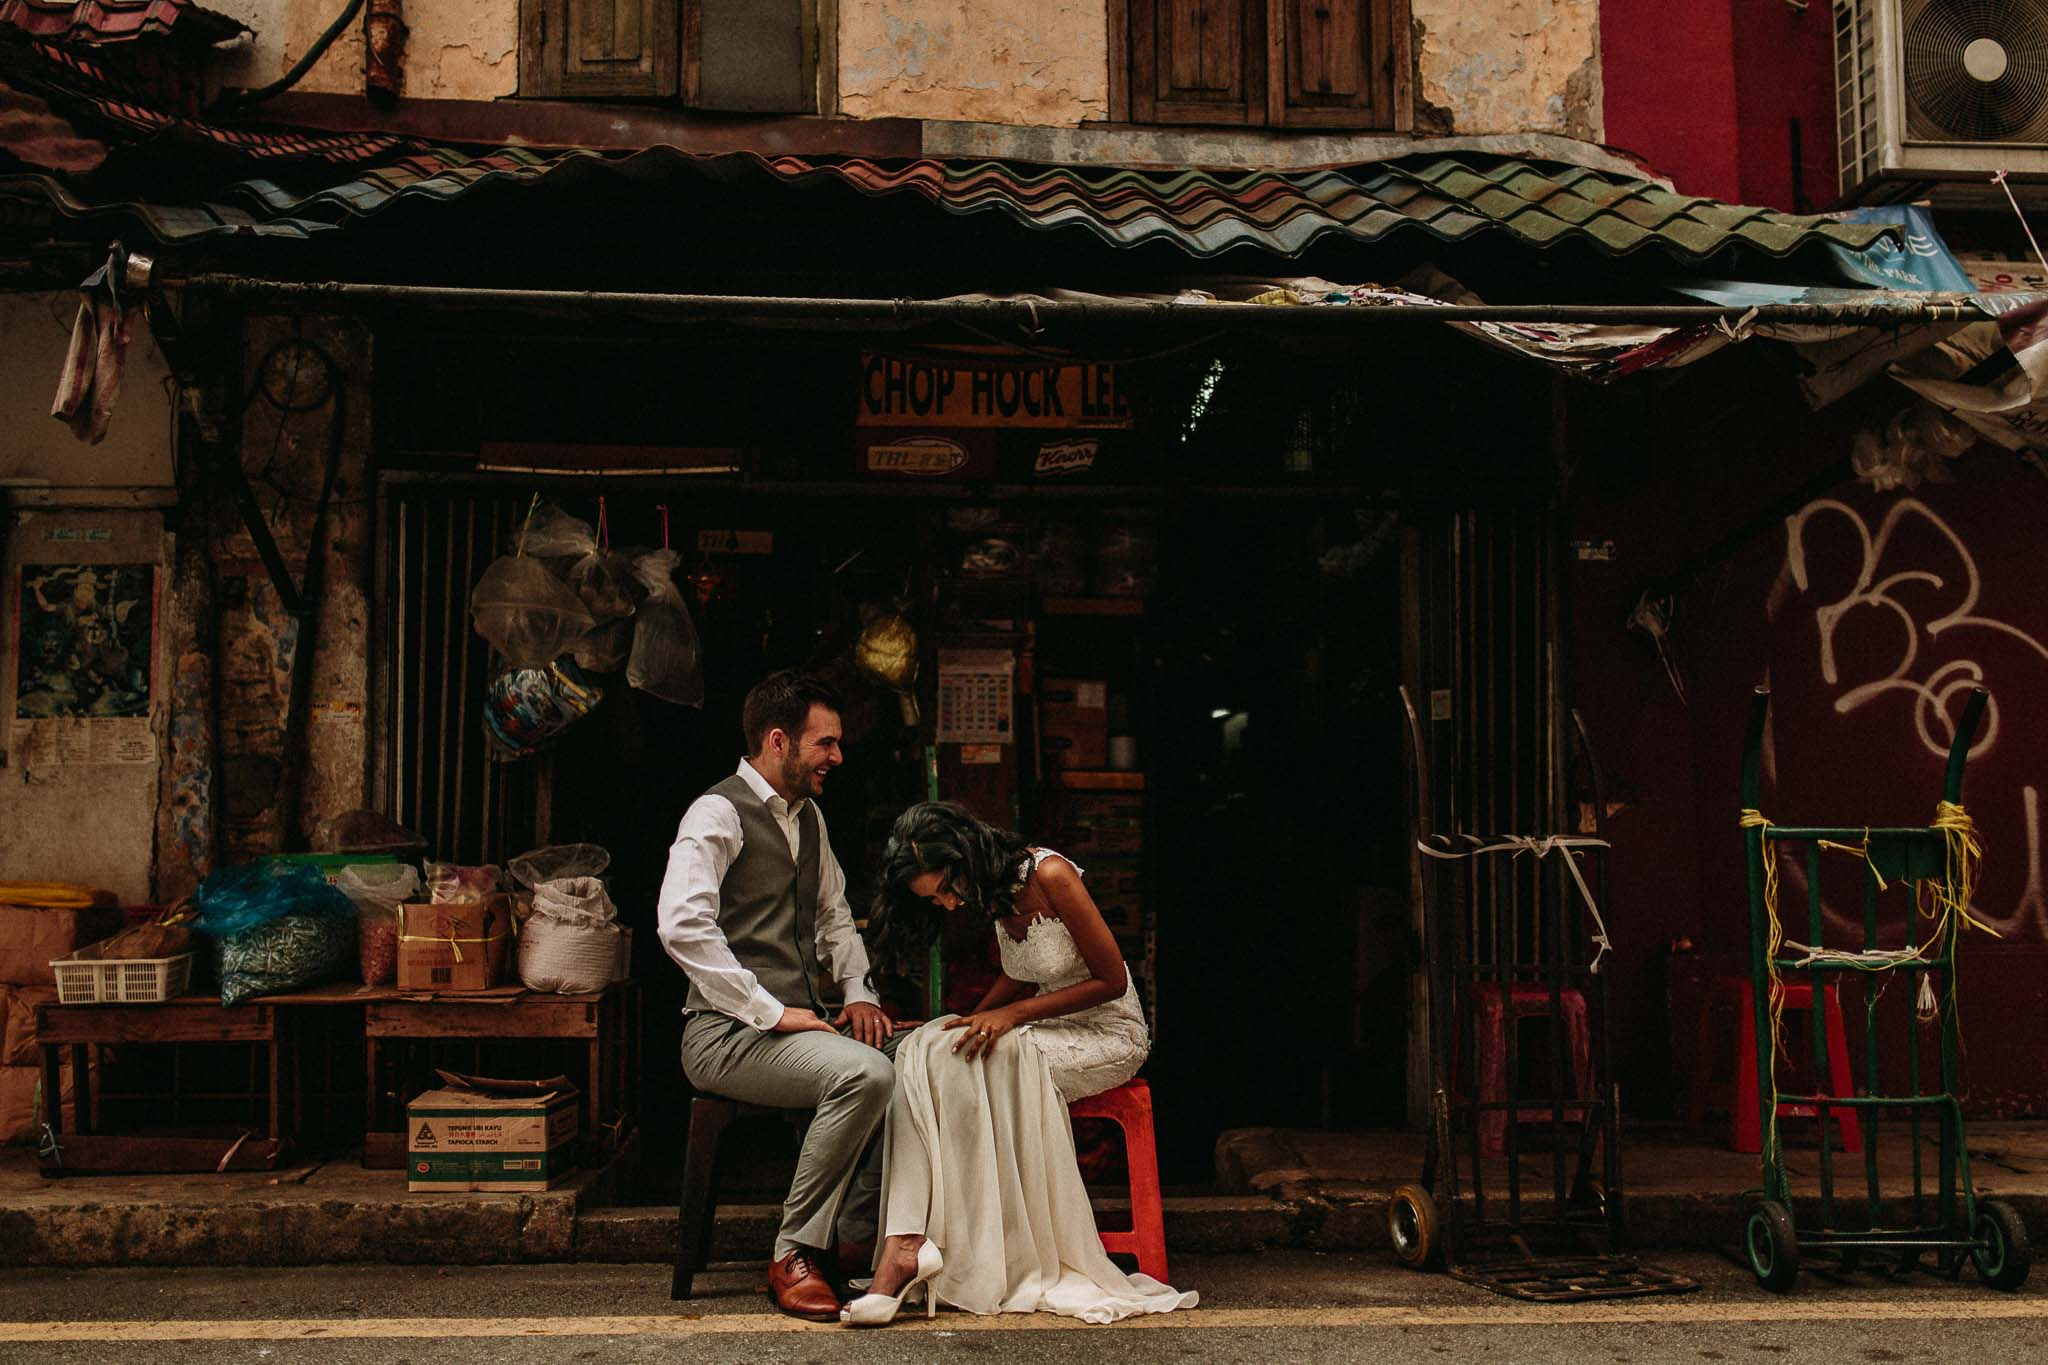 u&m-weddingsbyqay-lovesession-destinationweddingphotographer (90 of 160).jpg